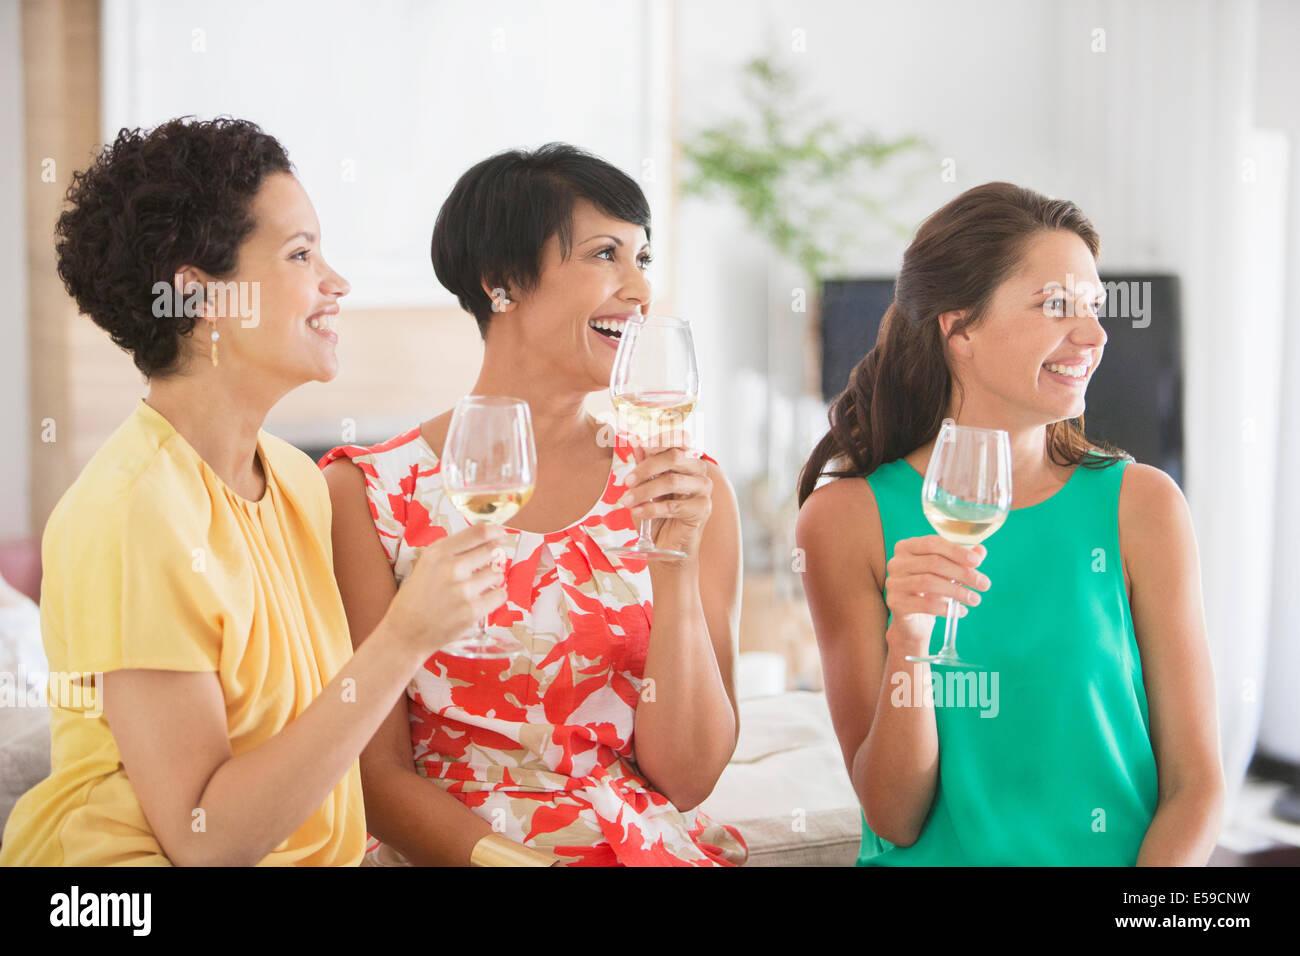 Les femmes boire du vin ensemble Photo Stock